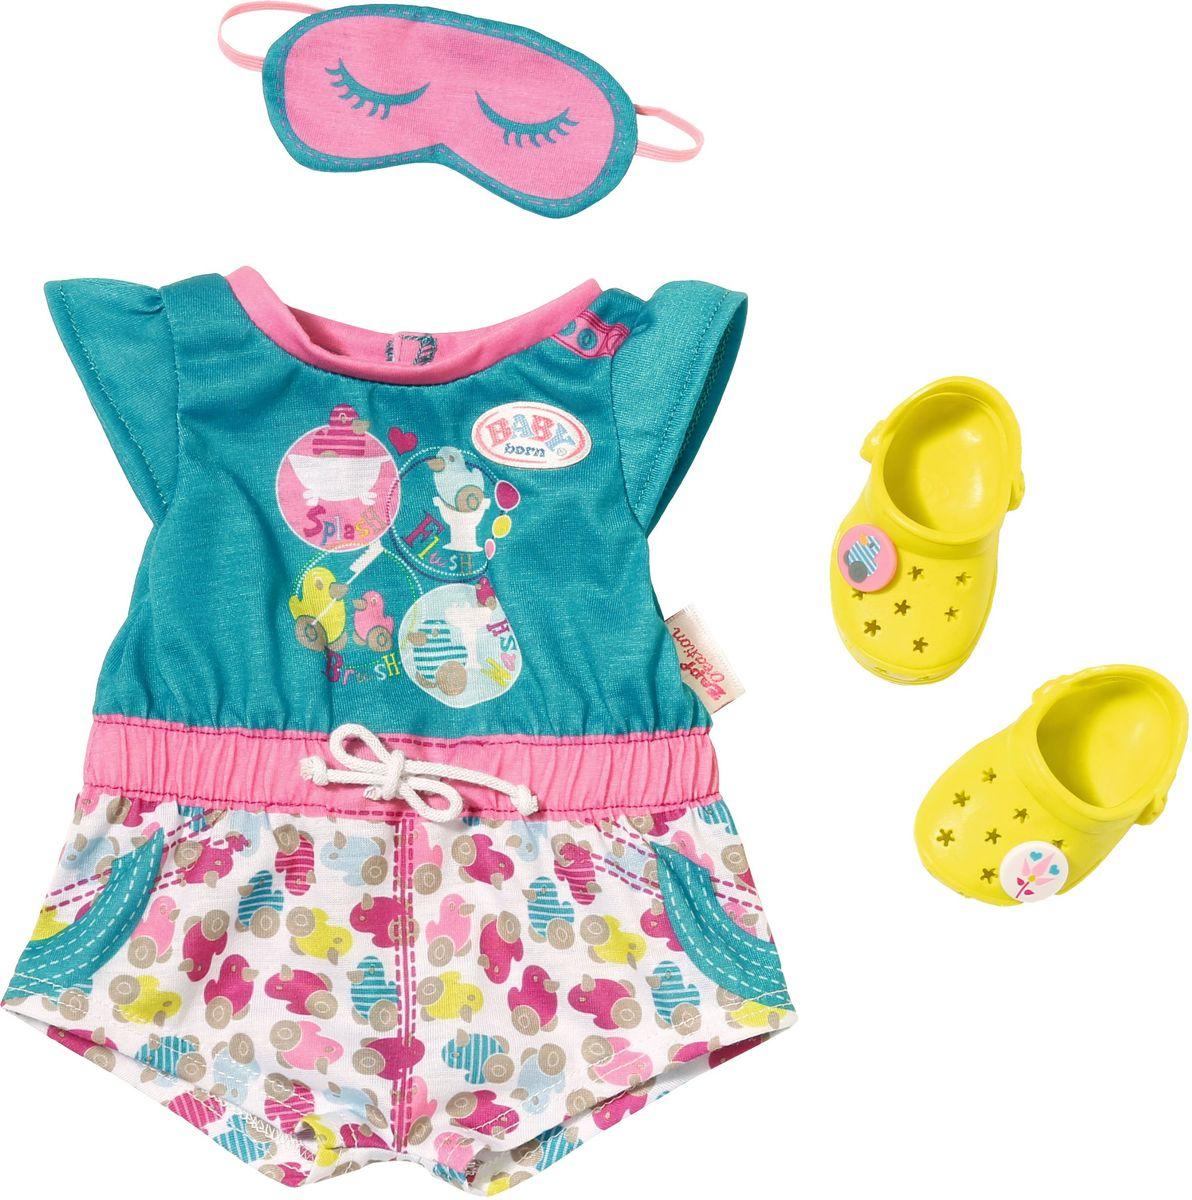 Baby Born Комплект одежды пижамка с обувью для кукол 3 предмета кроксы екатеринбург